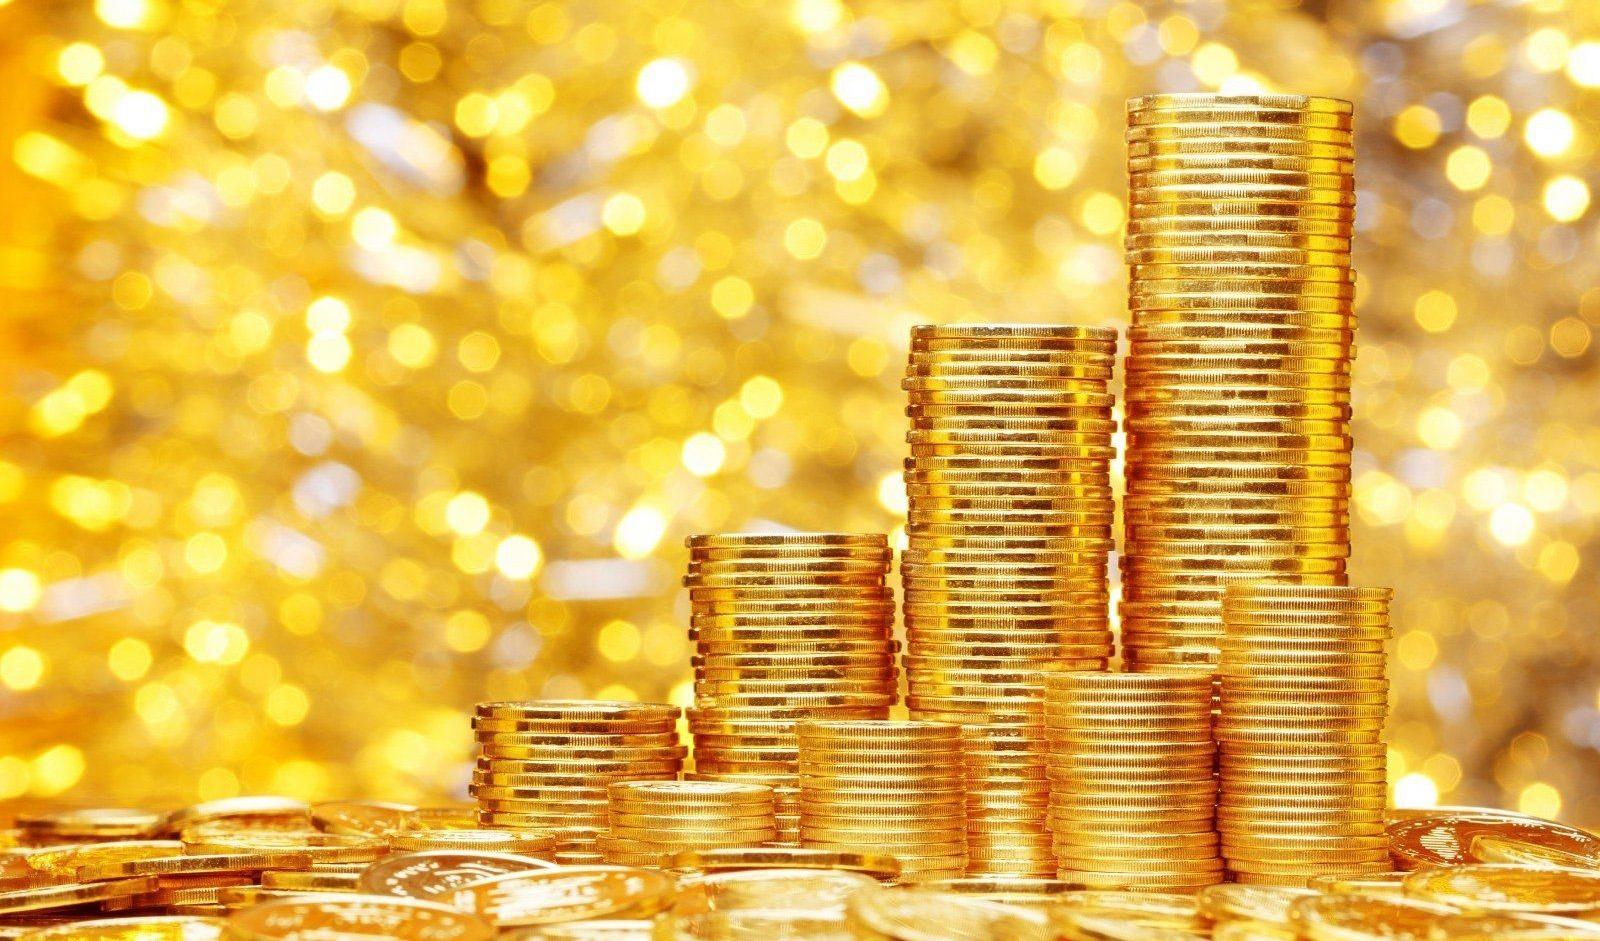 قیمت سکه ۱۰ تیر ۱۴۰۰ به ۱۰ میلیون و ۷۹۰ هزار تومان رسید